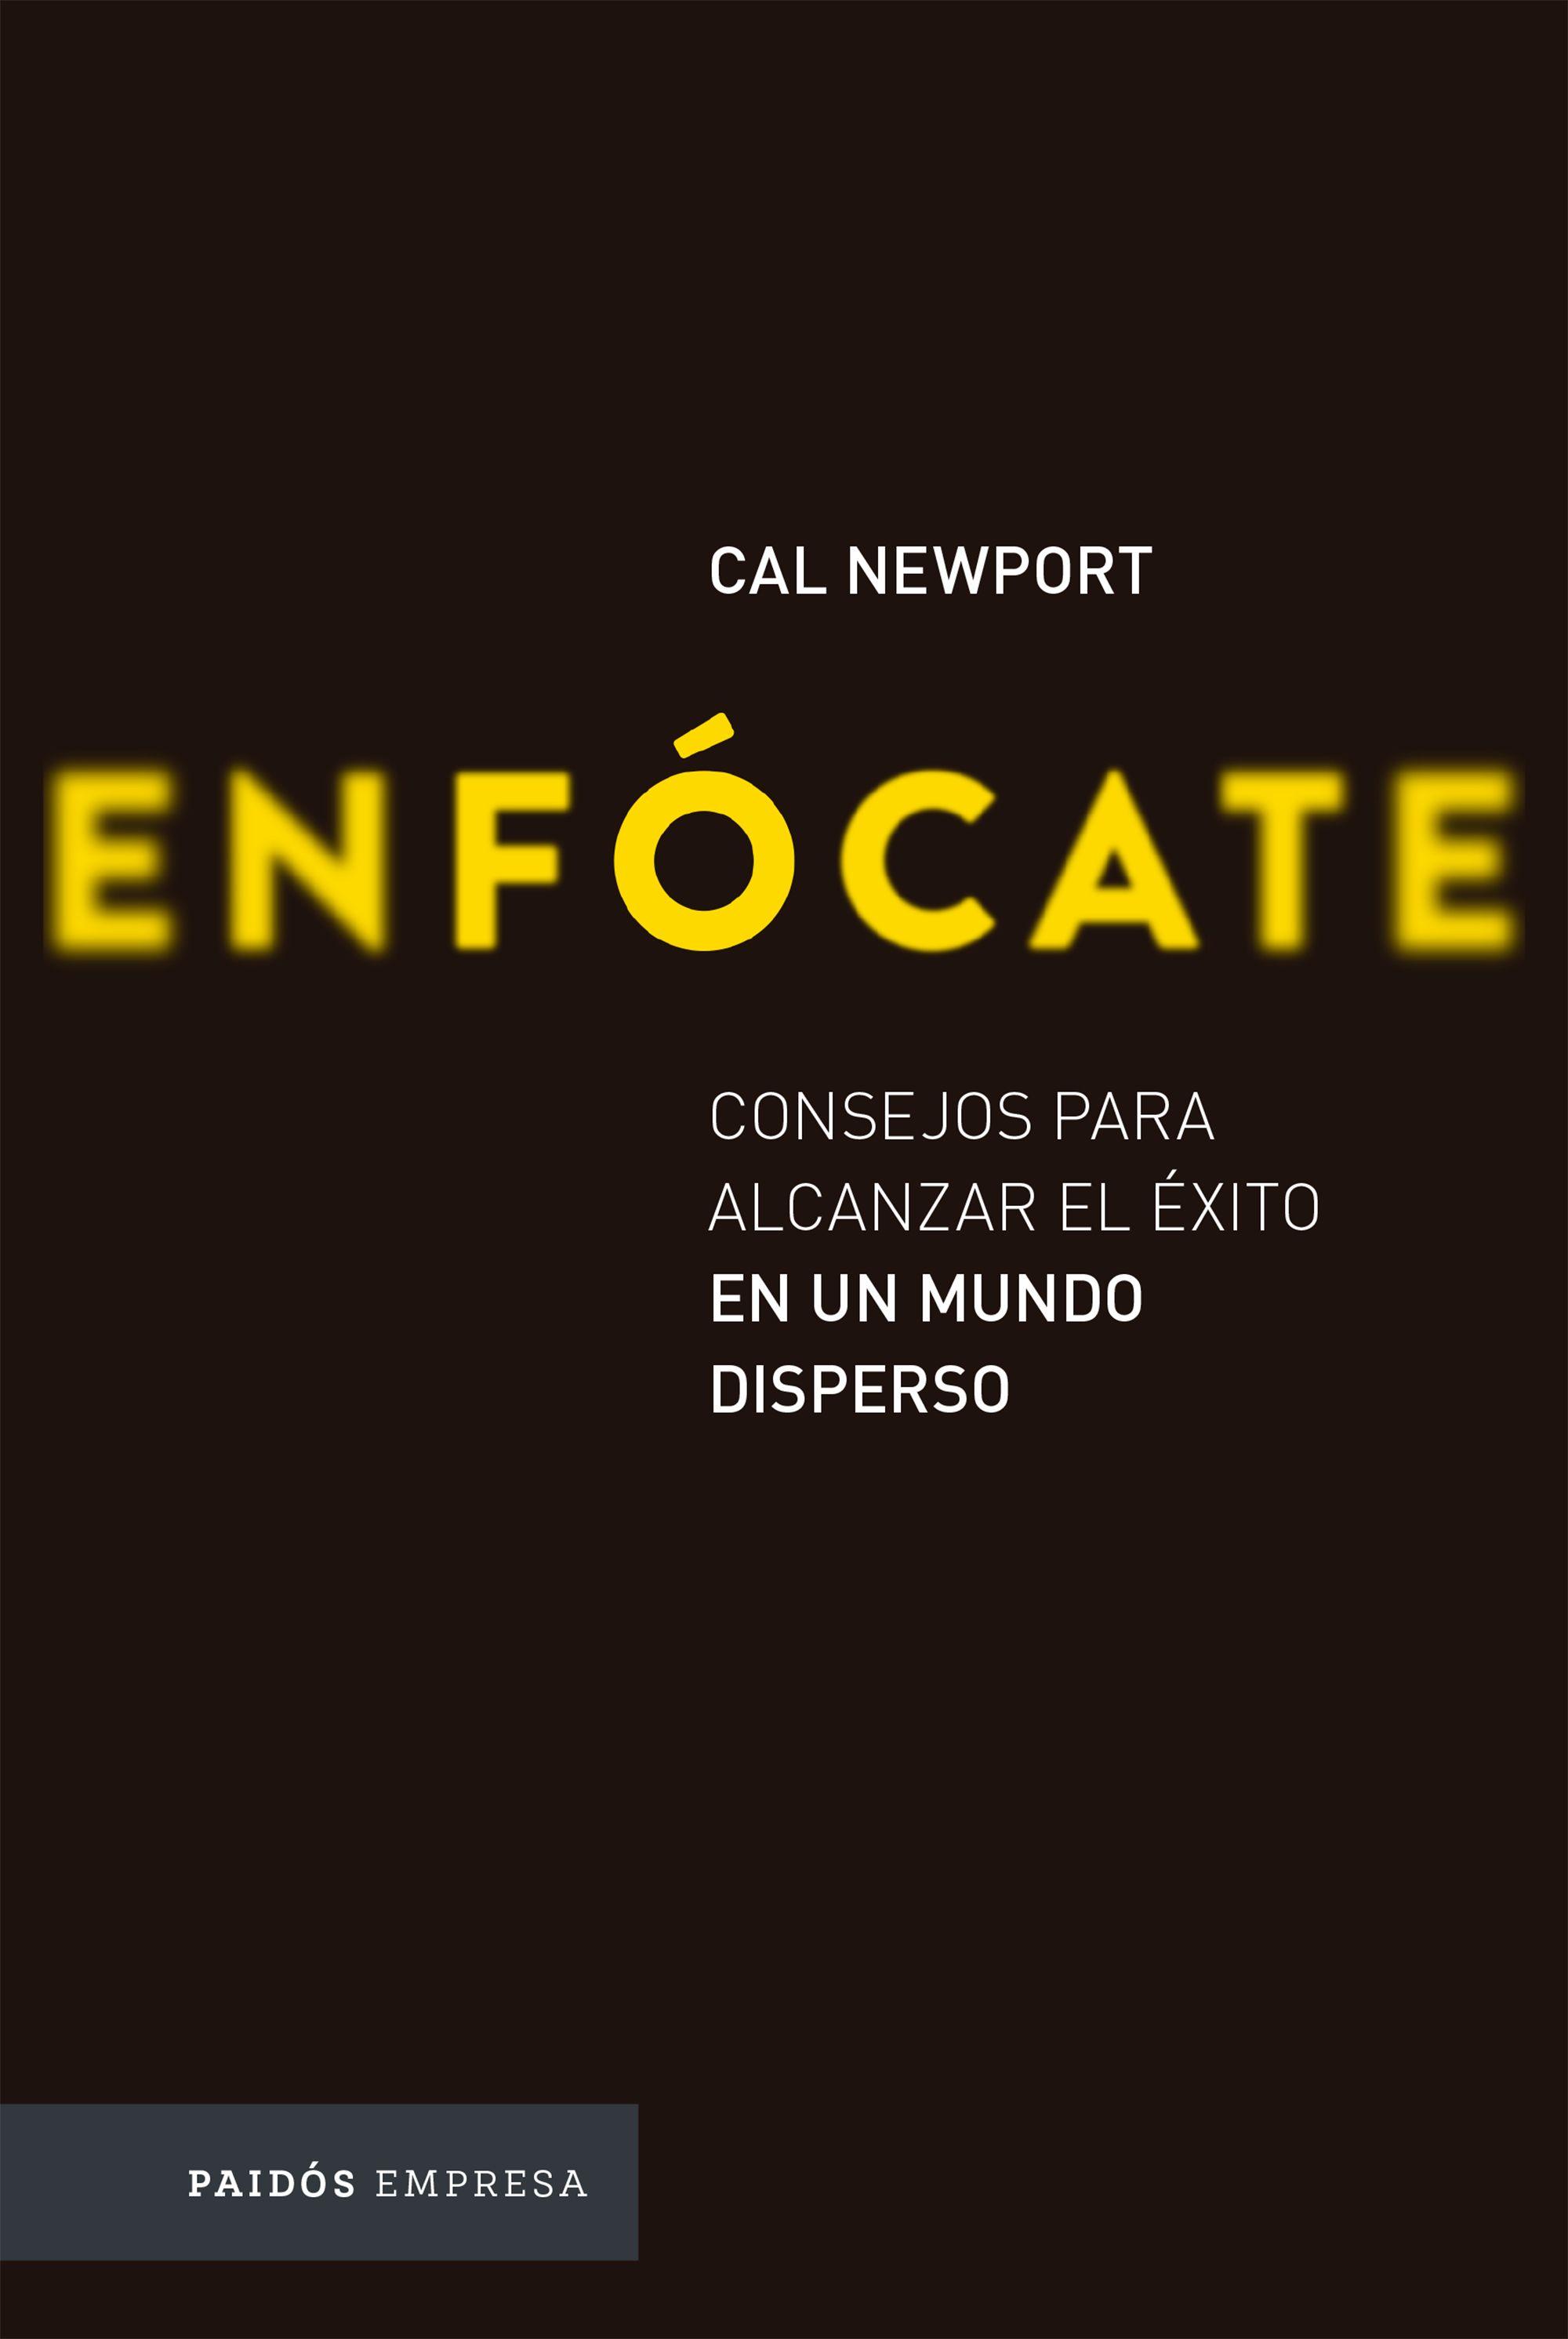 Enfócate - Cal Newport - Paidos